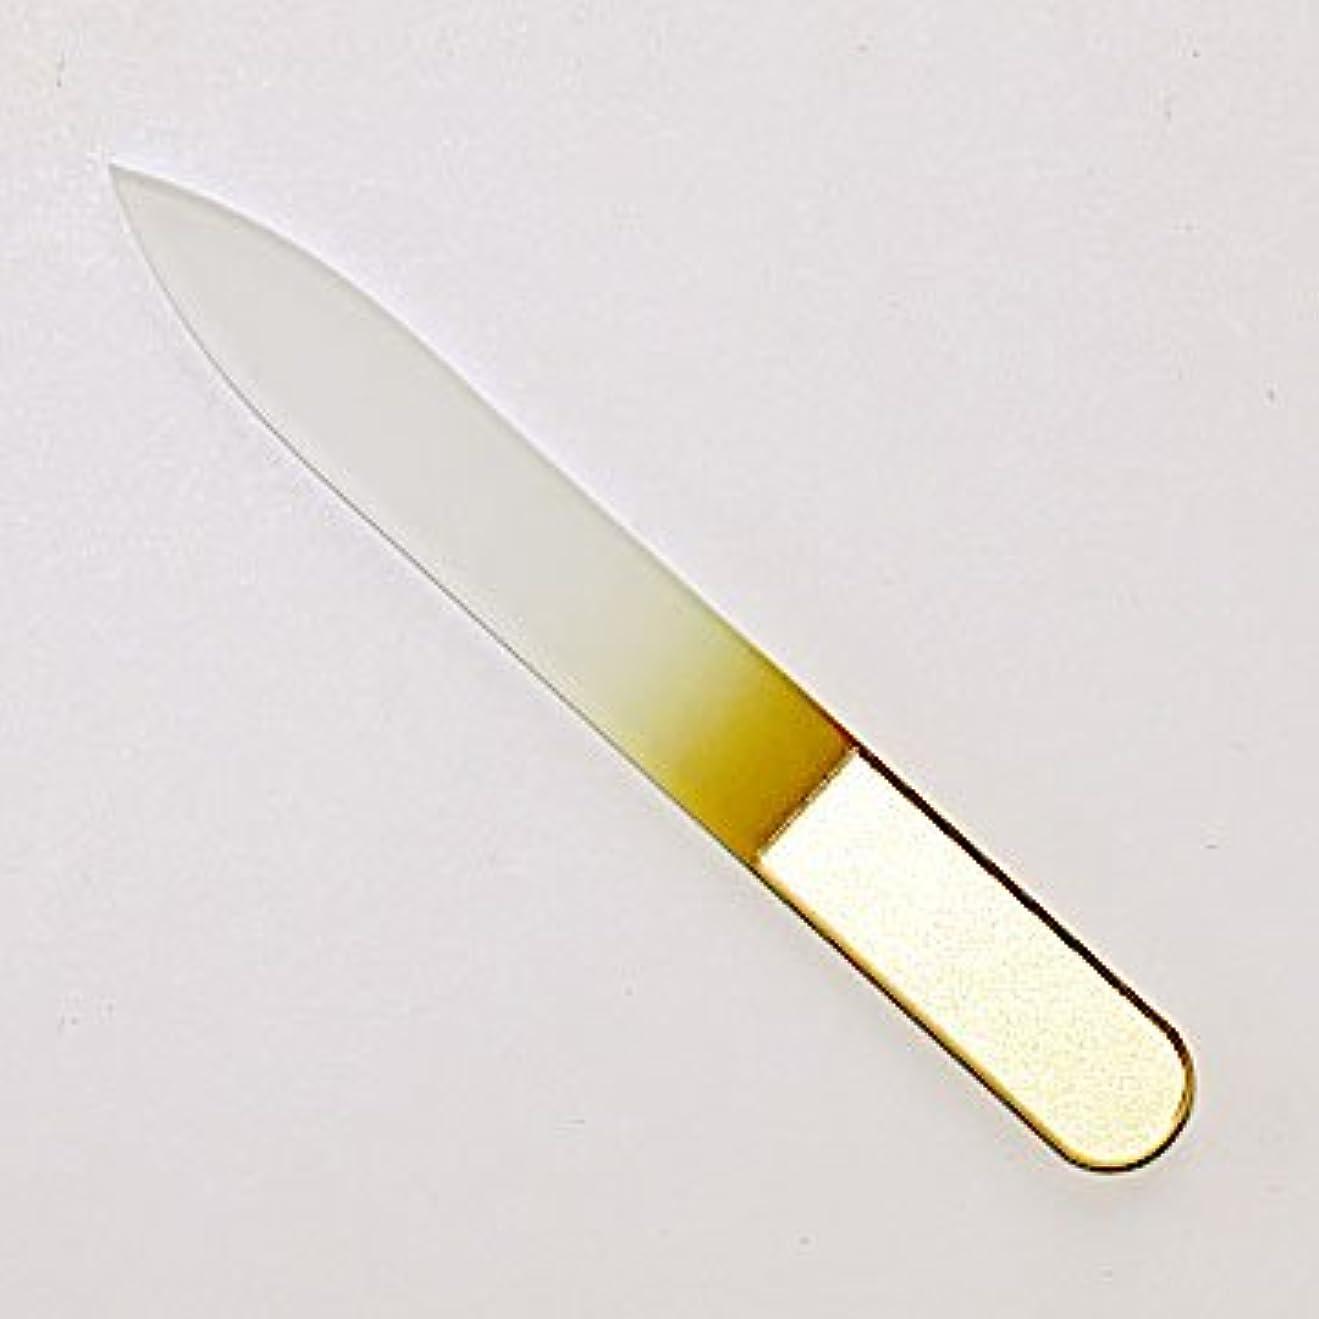 アレンジ減らす感度チェコ製 AXiON(アクシオン)ガラス製爪ヤスリ(ゴールド)両面タイプ #slg009614fba